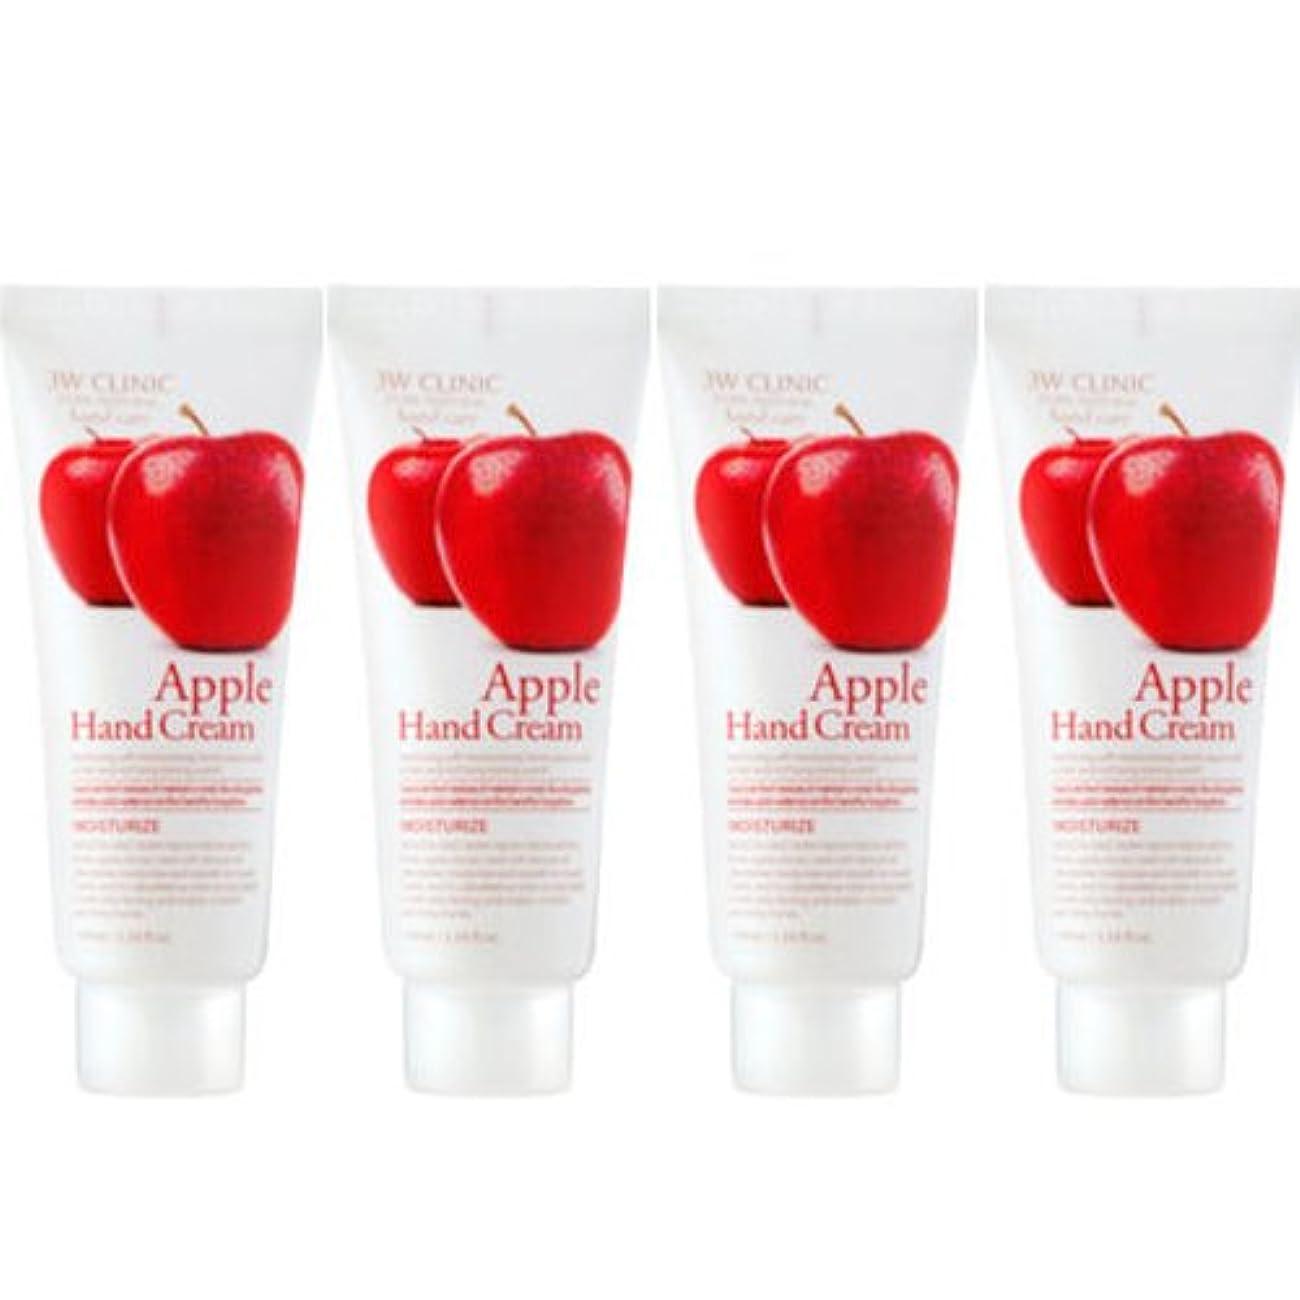 レッスンオーブンお3w Clinic[韓国コスメARRAHAN]Moisturizing Apple Hand Cream モイスチャーリングリンゴハンドクリーム100mlX4個 [並行輸入品]